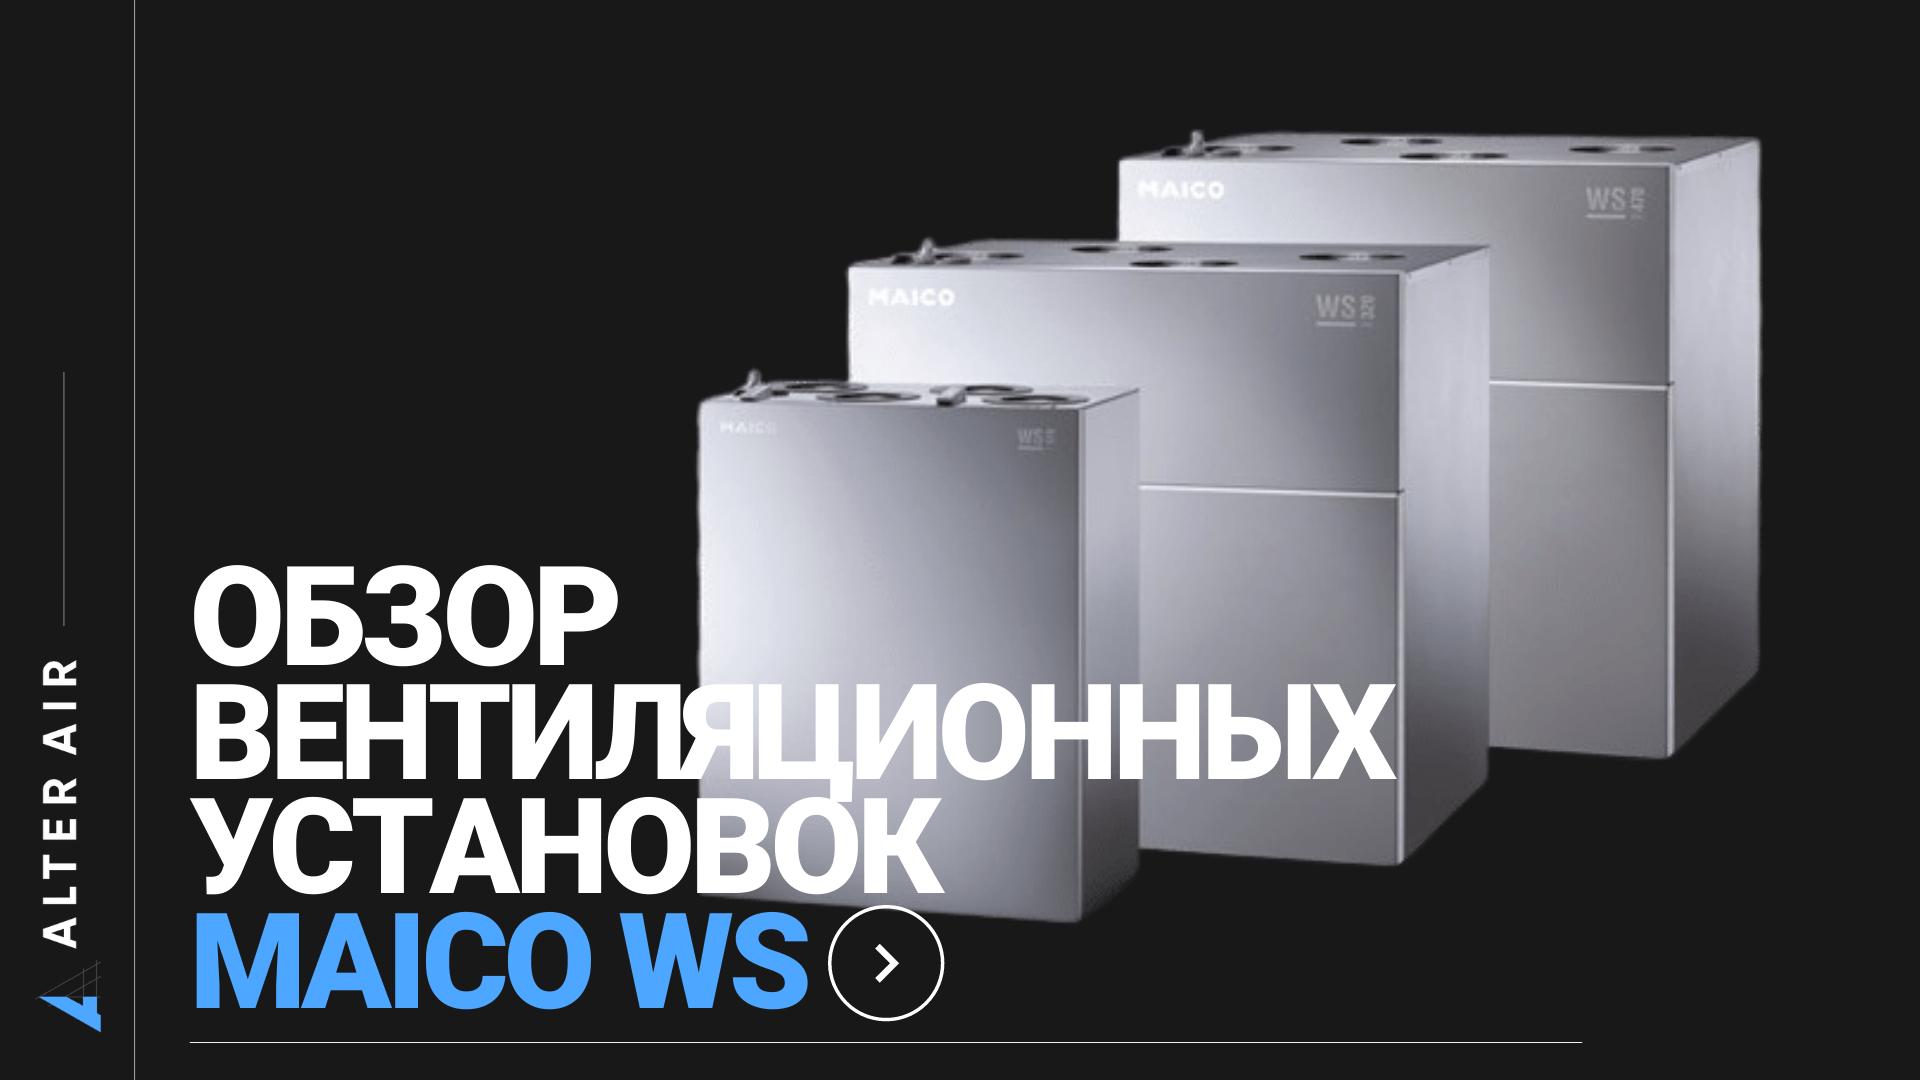 Обзор вентиляционных установок Maico WS (150/170/320/470)